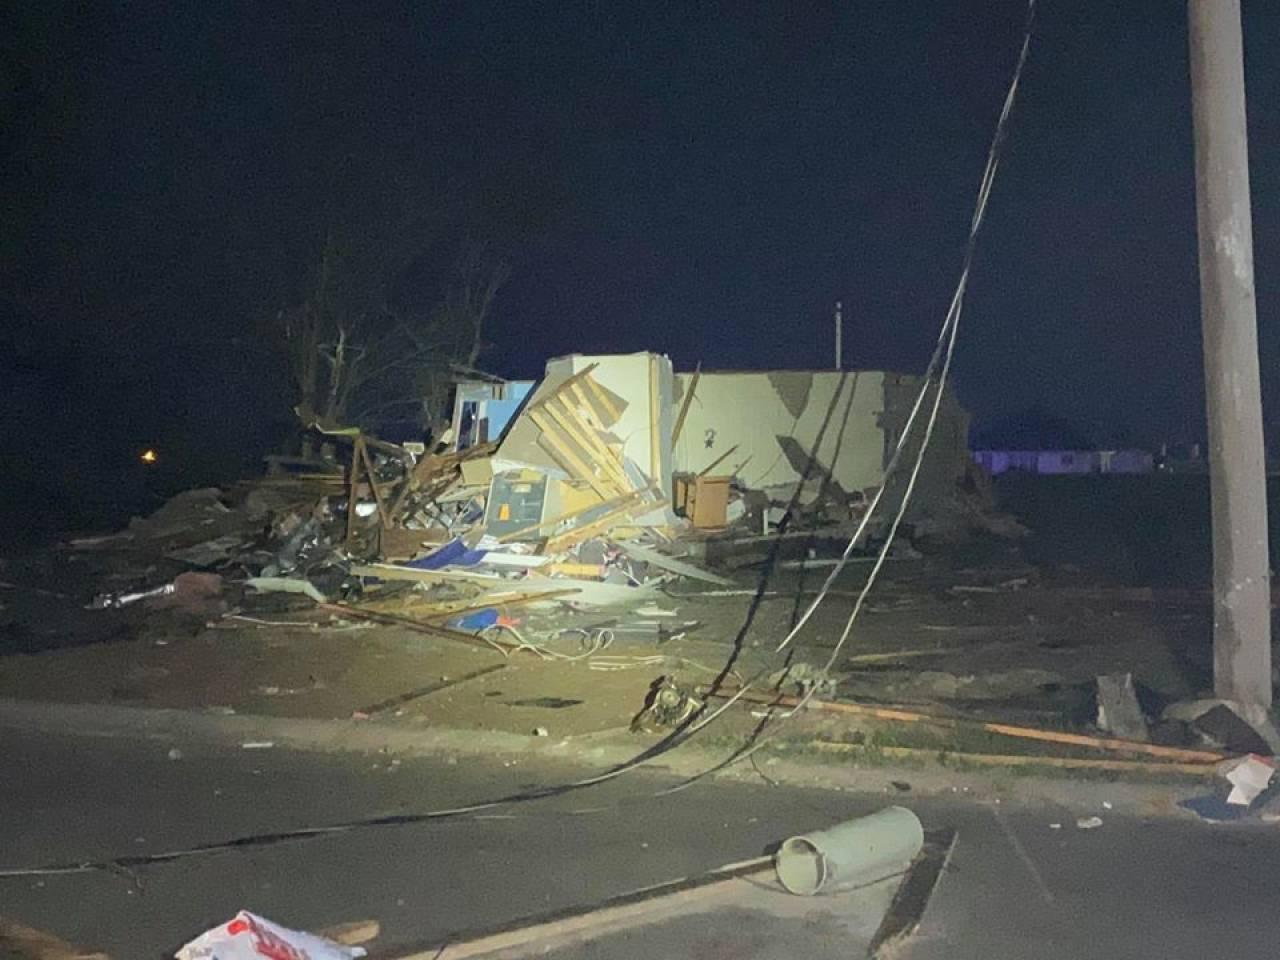 Fonte immagine: Facebook, Zach Holder, Region 8 Stormteam